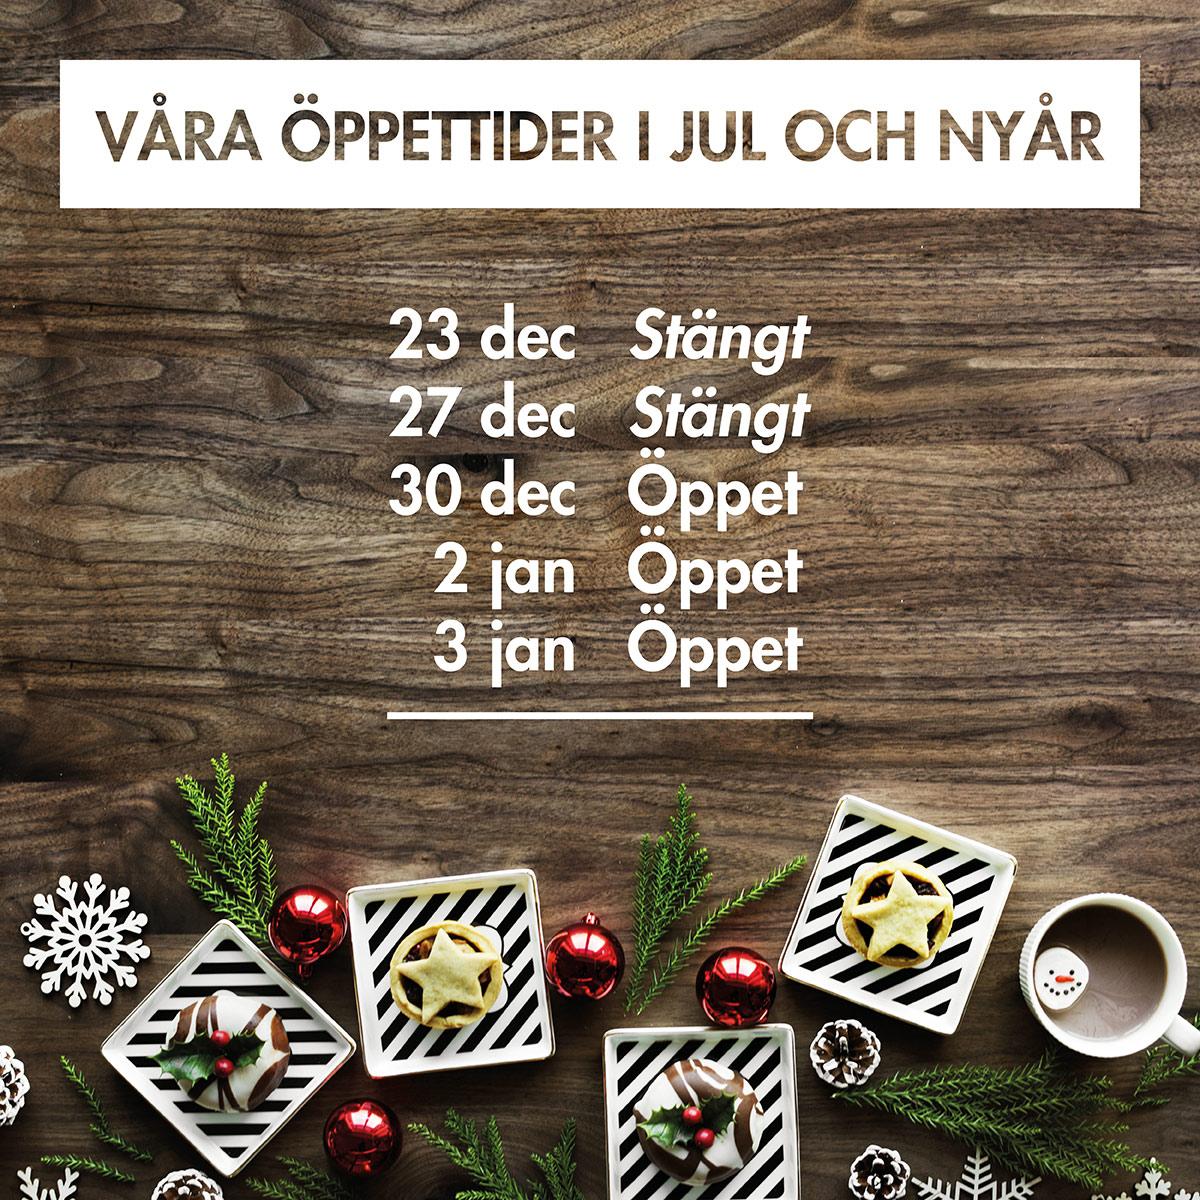 Våra öppettider i jul